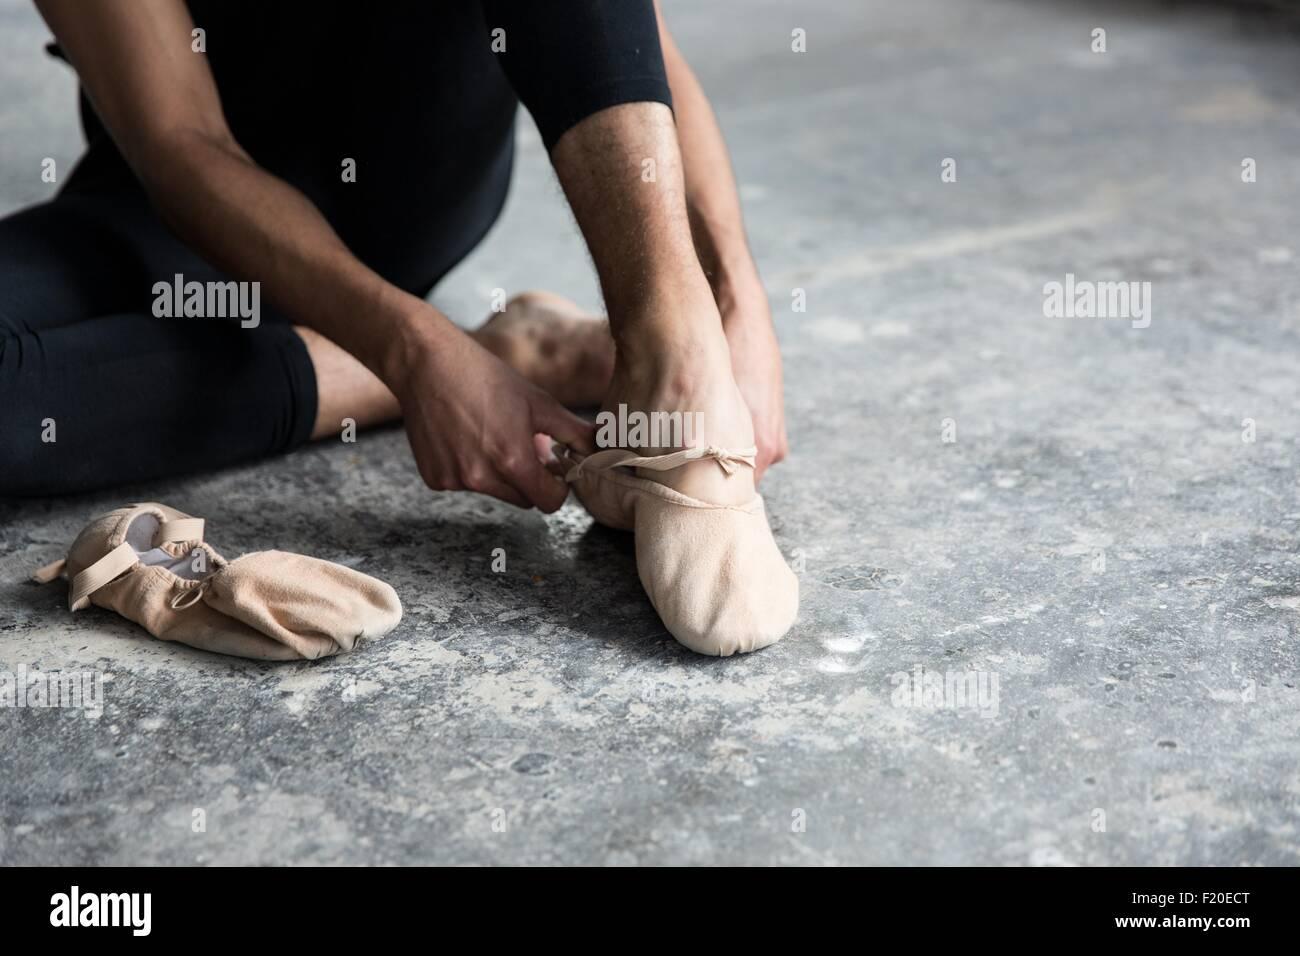 Le port de chaussures de ballet Dancer in studio Photo Stock